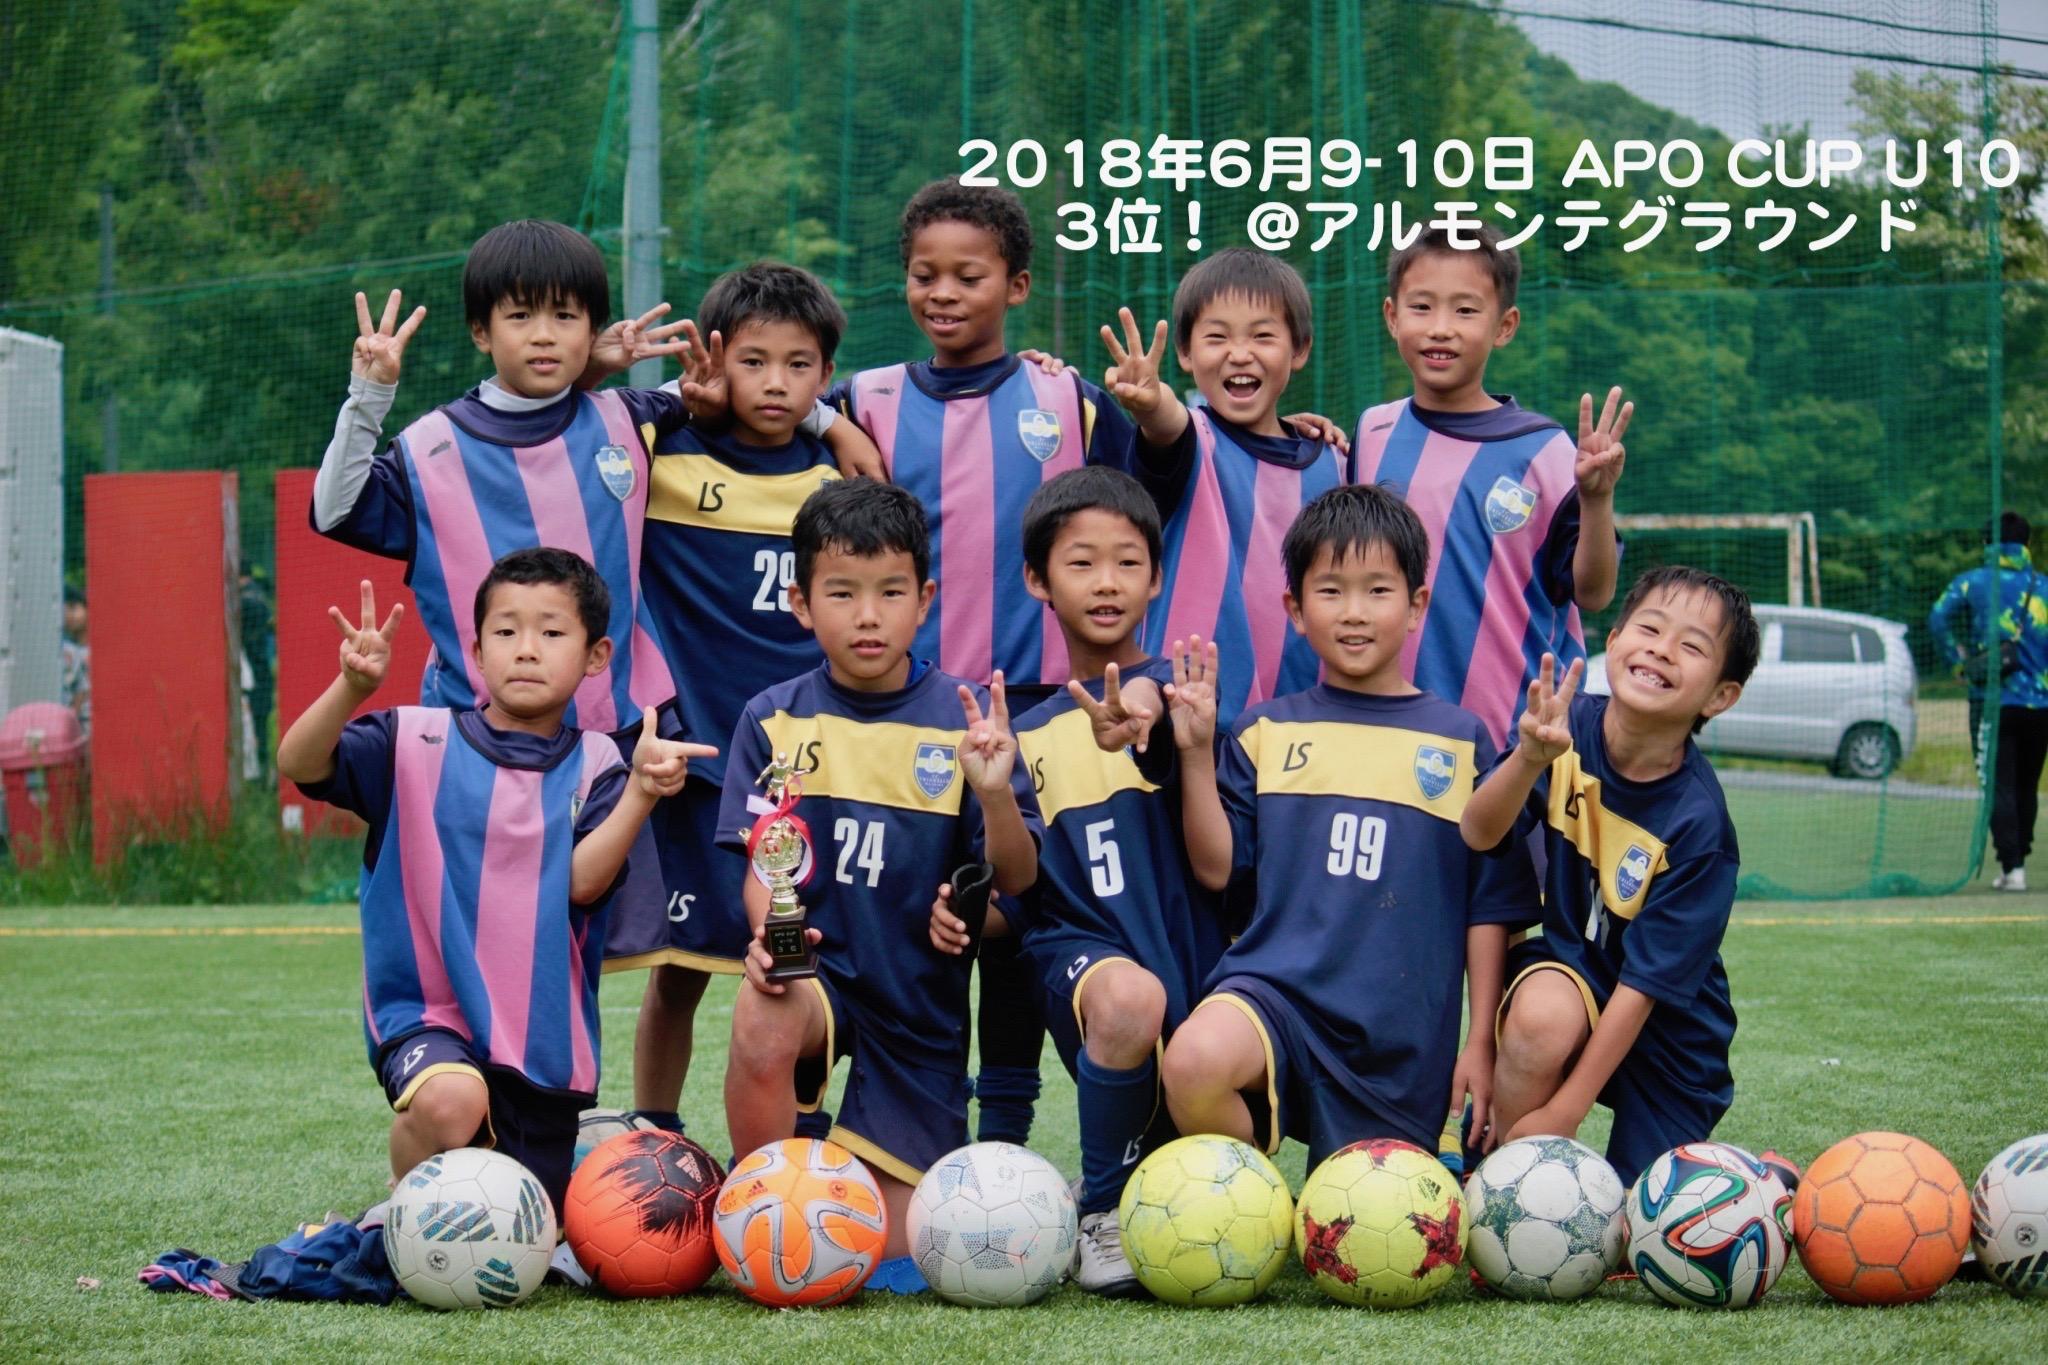 180609 U10 APO CUP 2